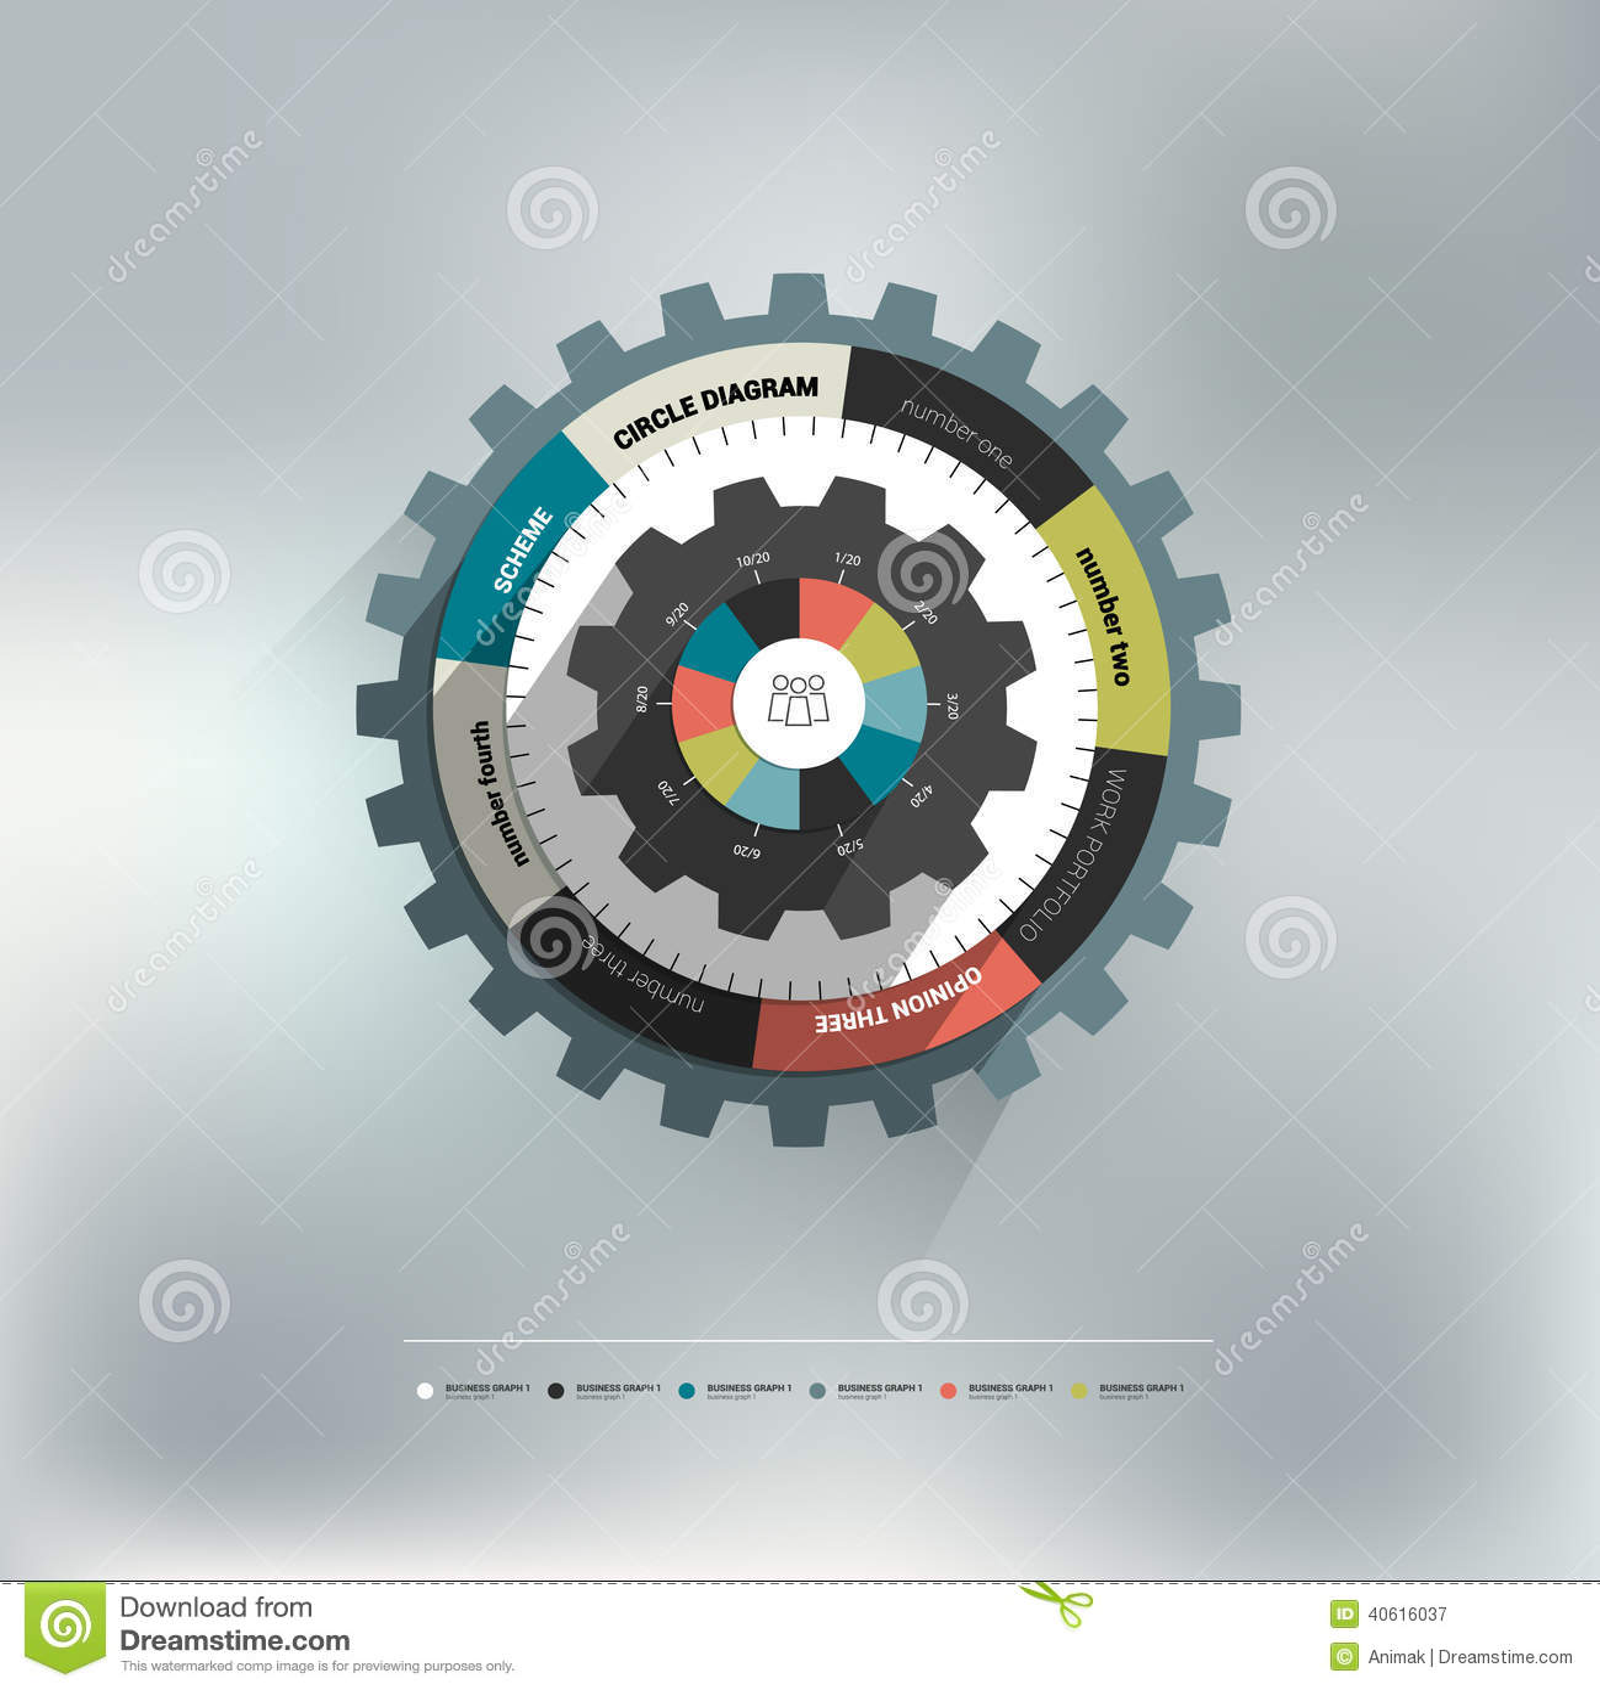 De cirkeldiagram van het radertjewiel voor grafische informatie